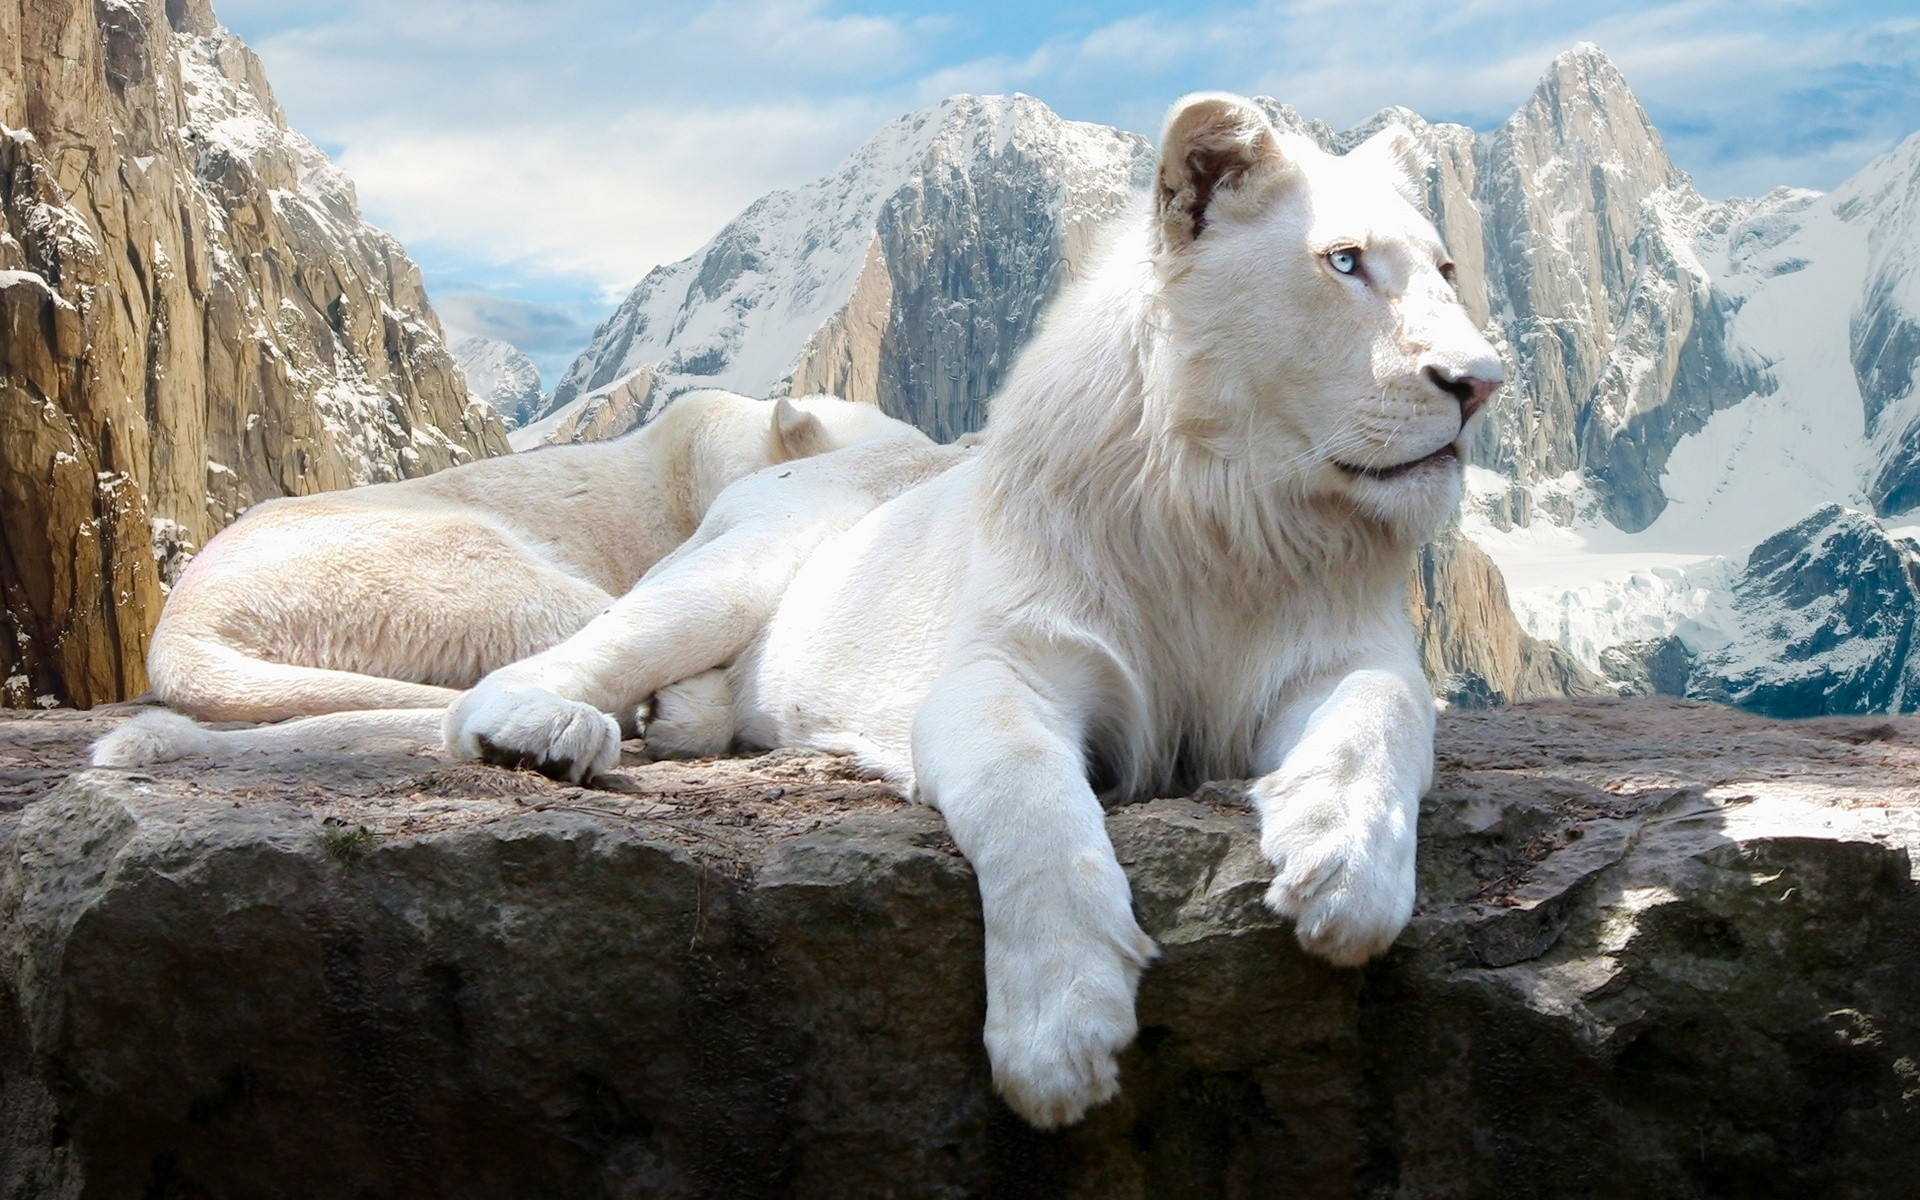 Картинка на рабочий стол с львами